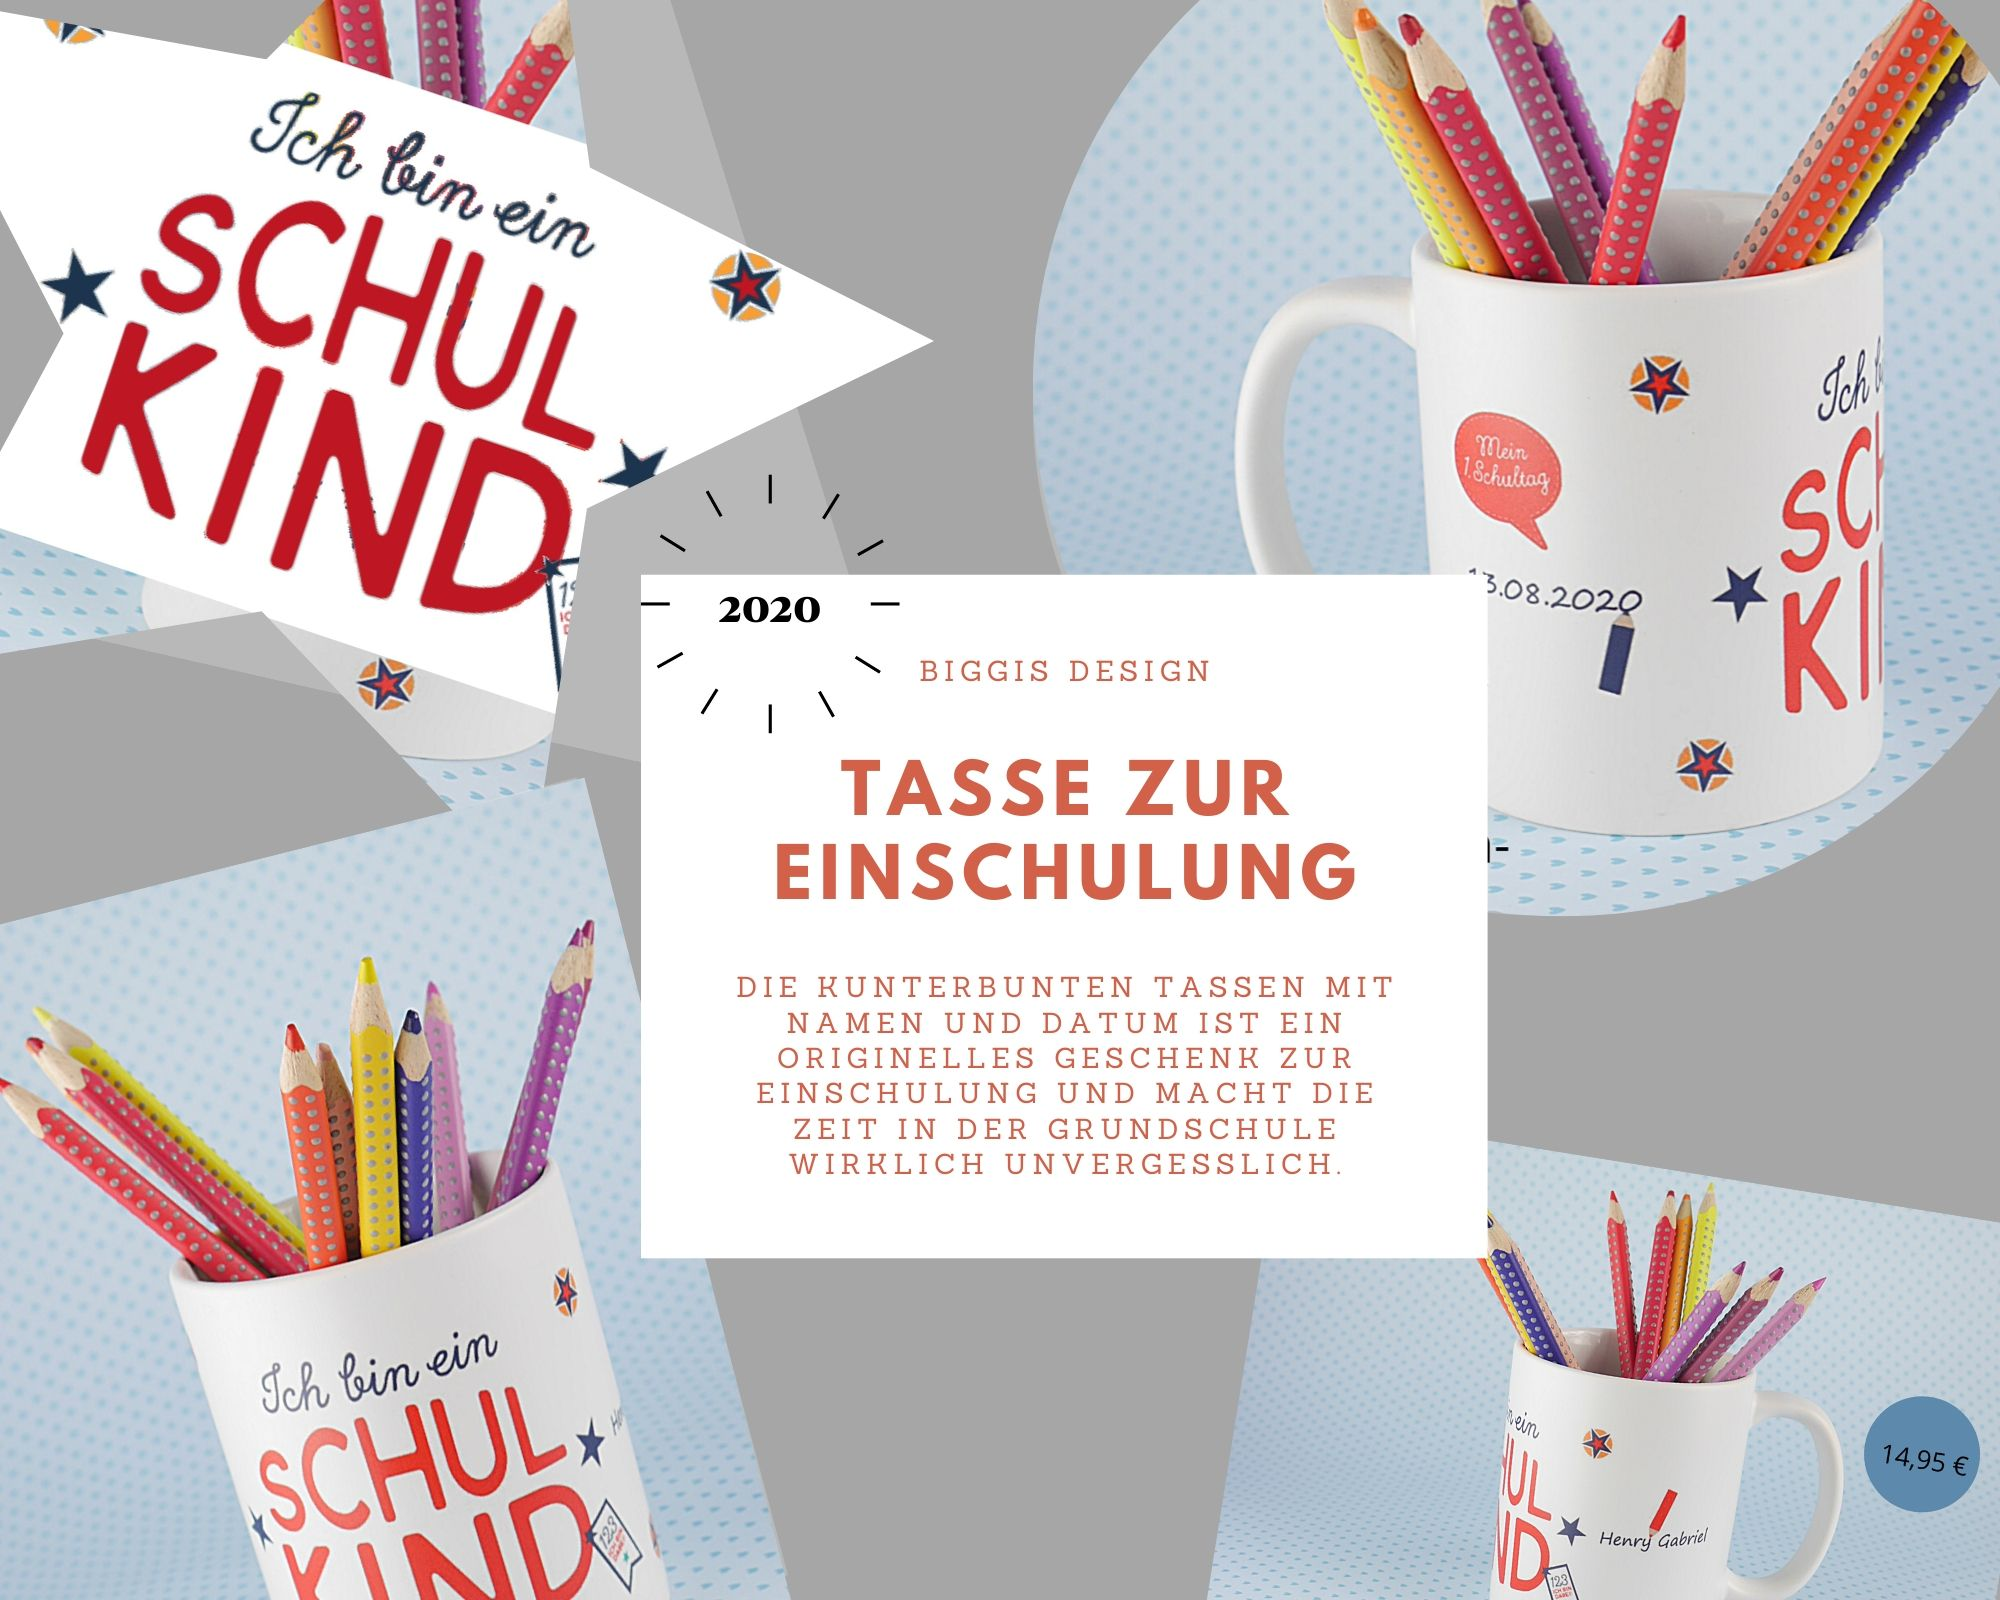 Tasse Zur Einschulung Schulkind Tasse Einschulung 2020 Geschenk Zur Einschulung Biggis Design